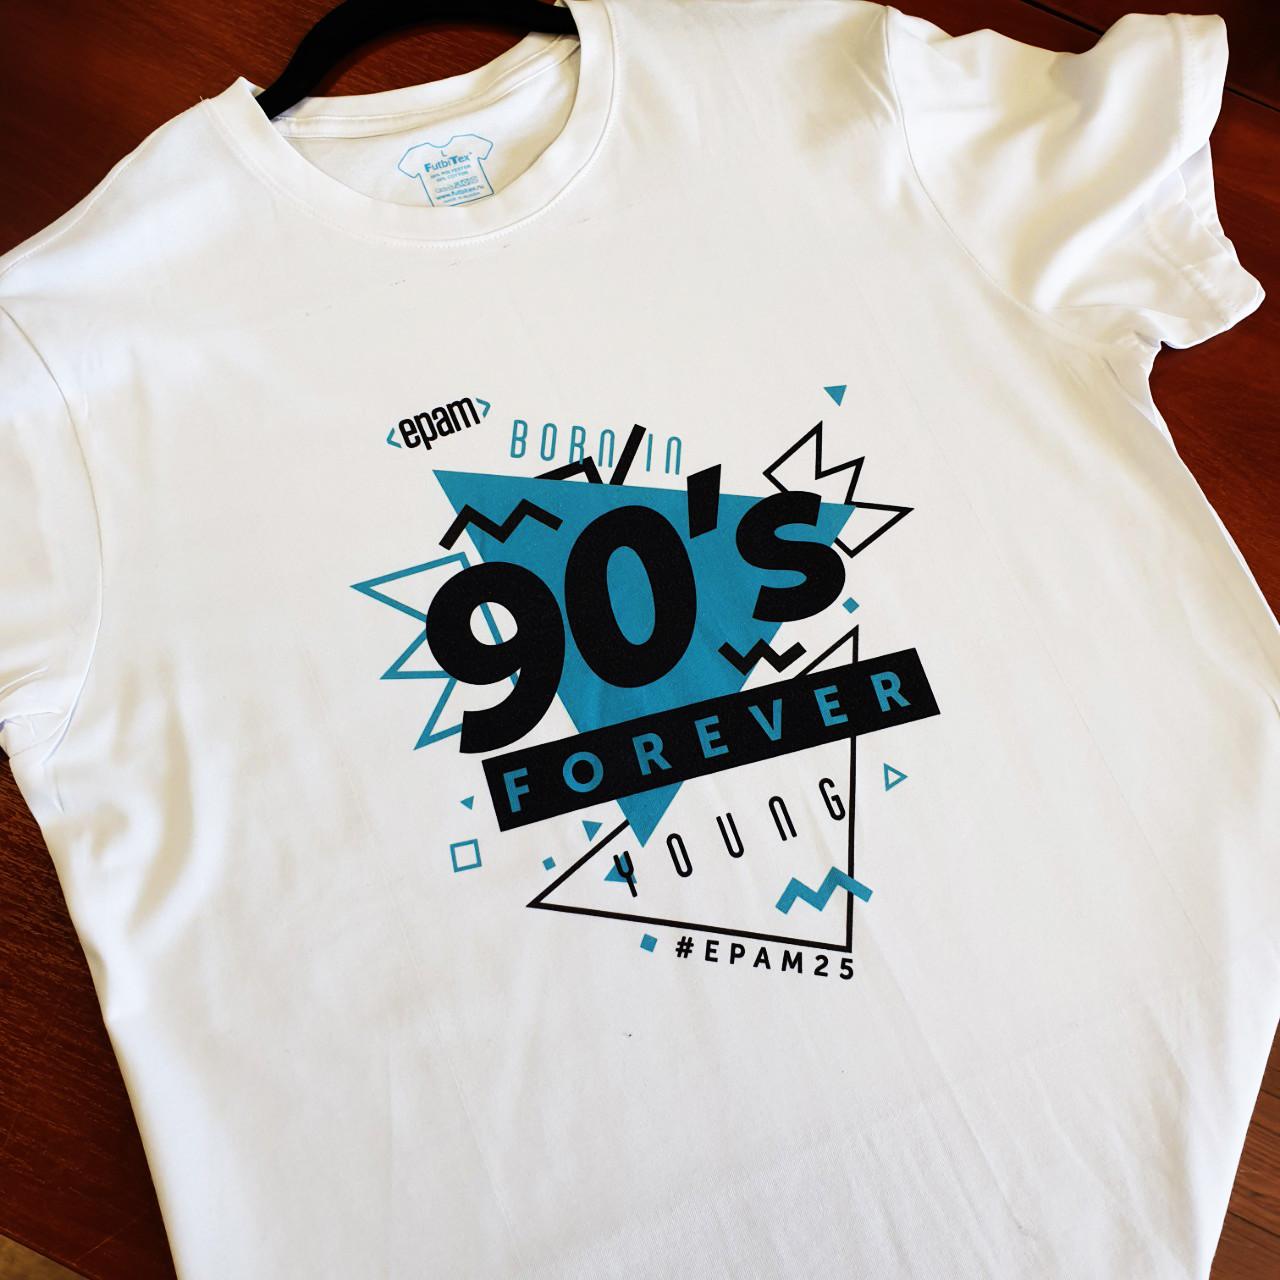 Печать на футболках методом сублимации